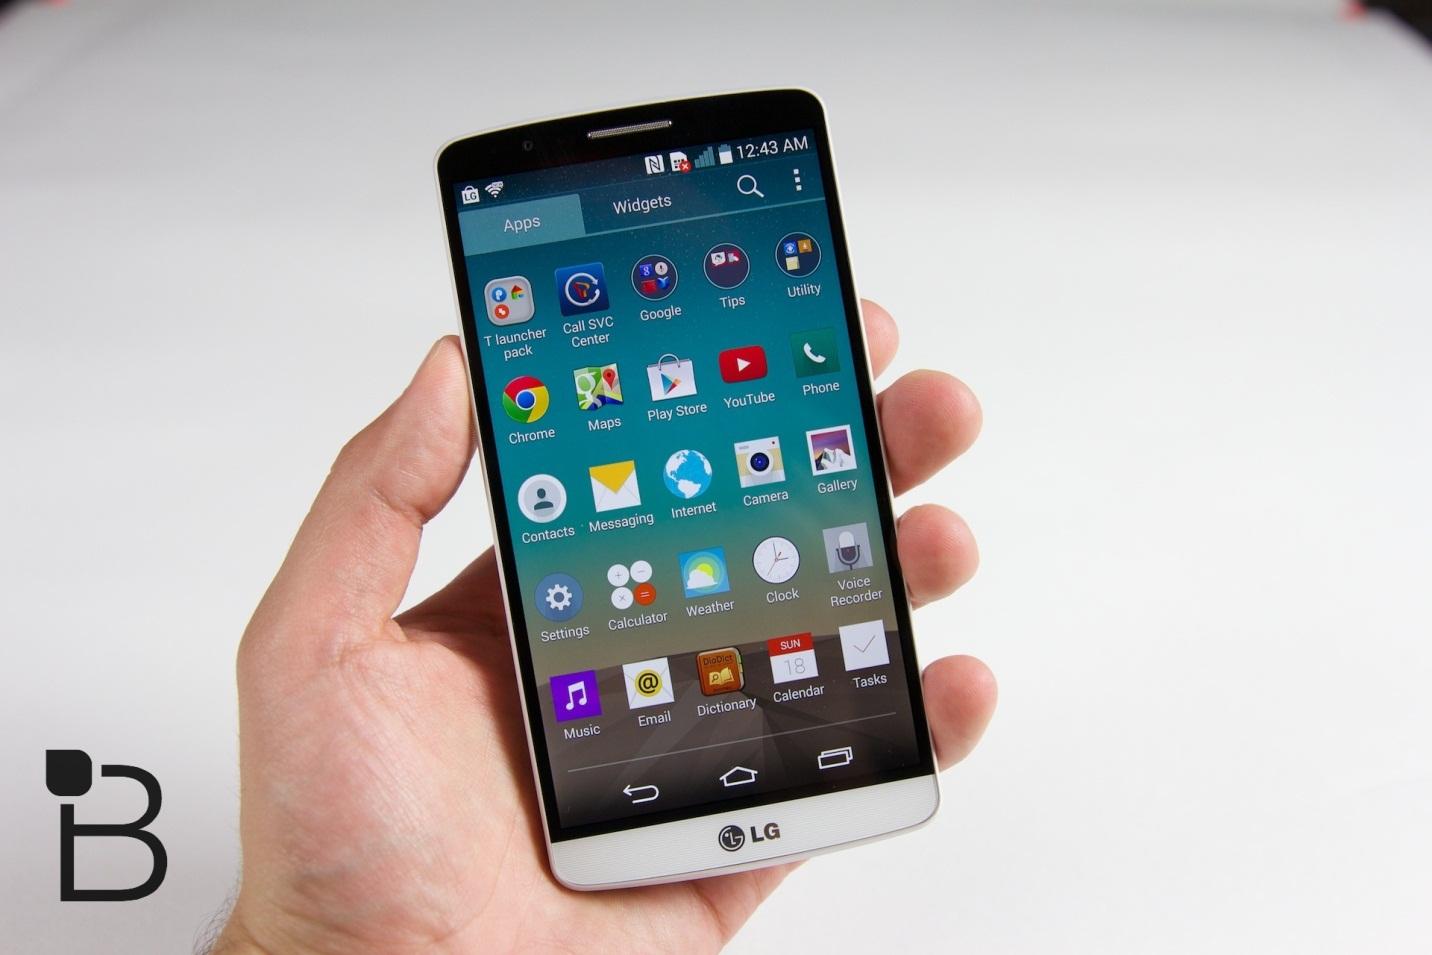 Xiaomi-Mi-40-vs-LG-G3